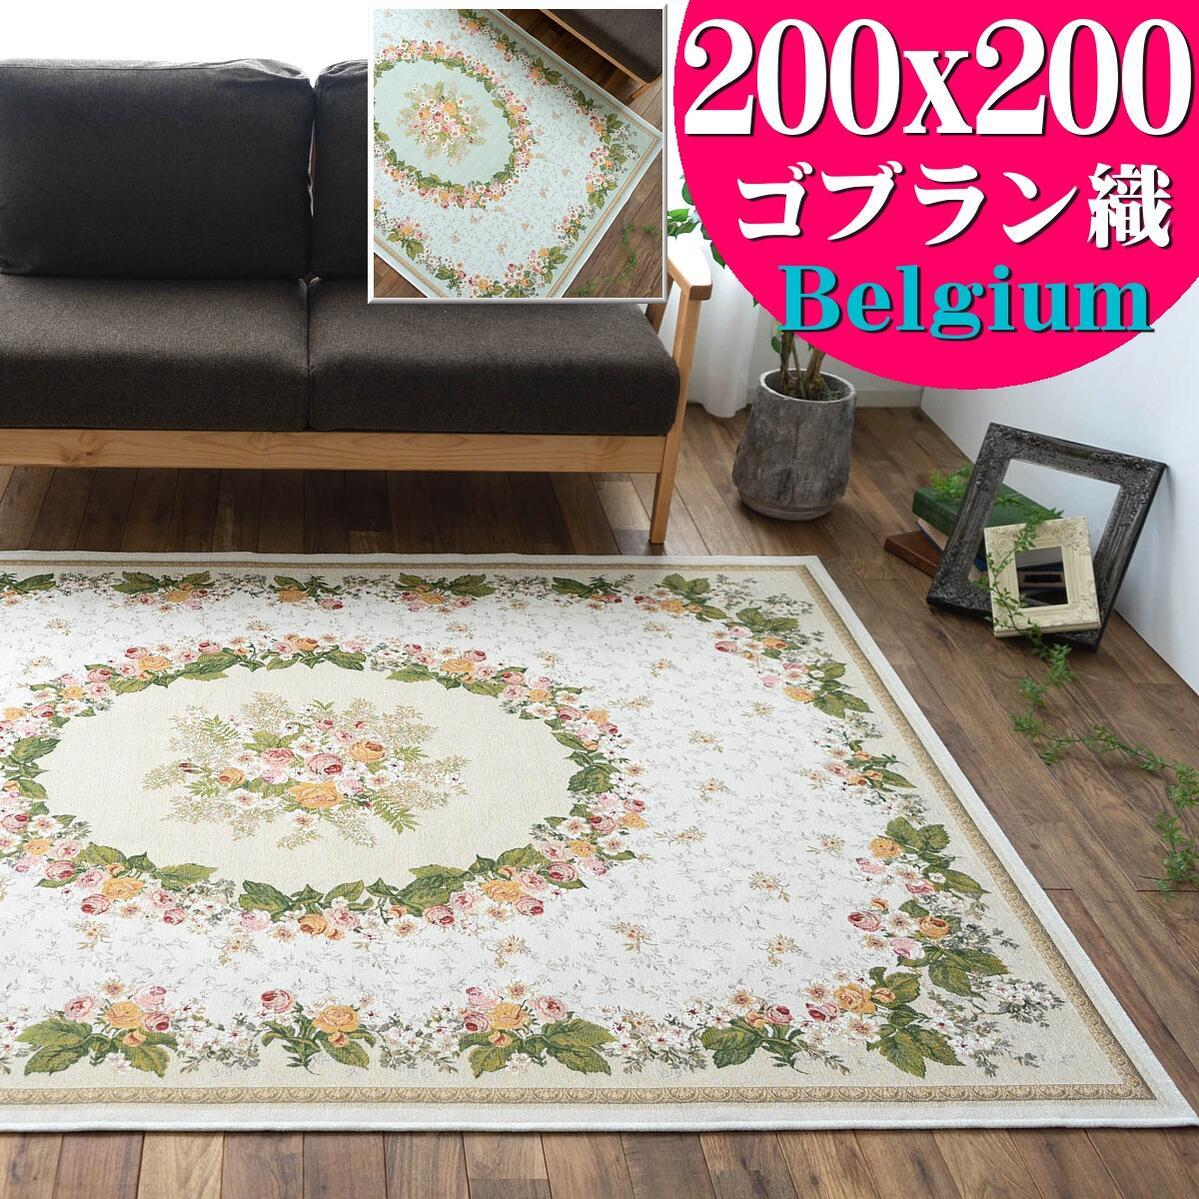 ゴブラン 2畳 ラグ カーペット 200×200cm 花 柄 絨毯 じゅうたん 通販 送料無料 ホットカーペットカバー 床暖房OK ゴブラン織り シェニールラグ